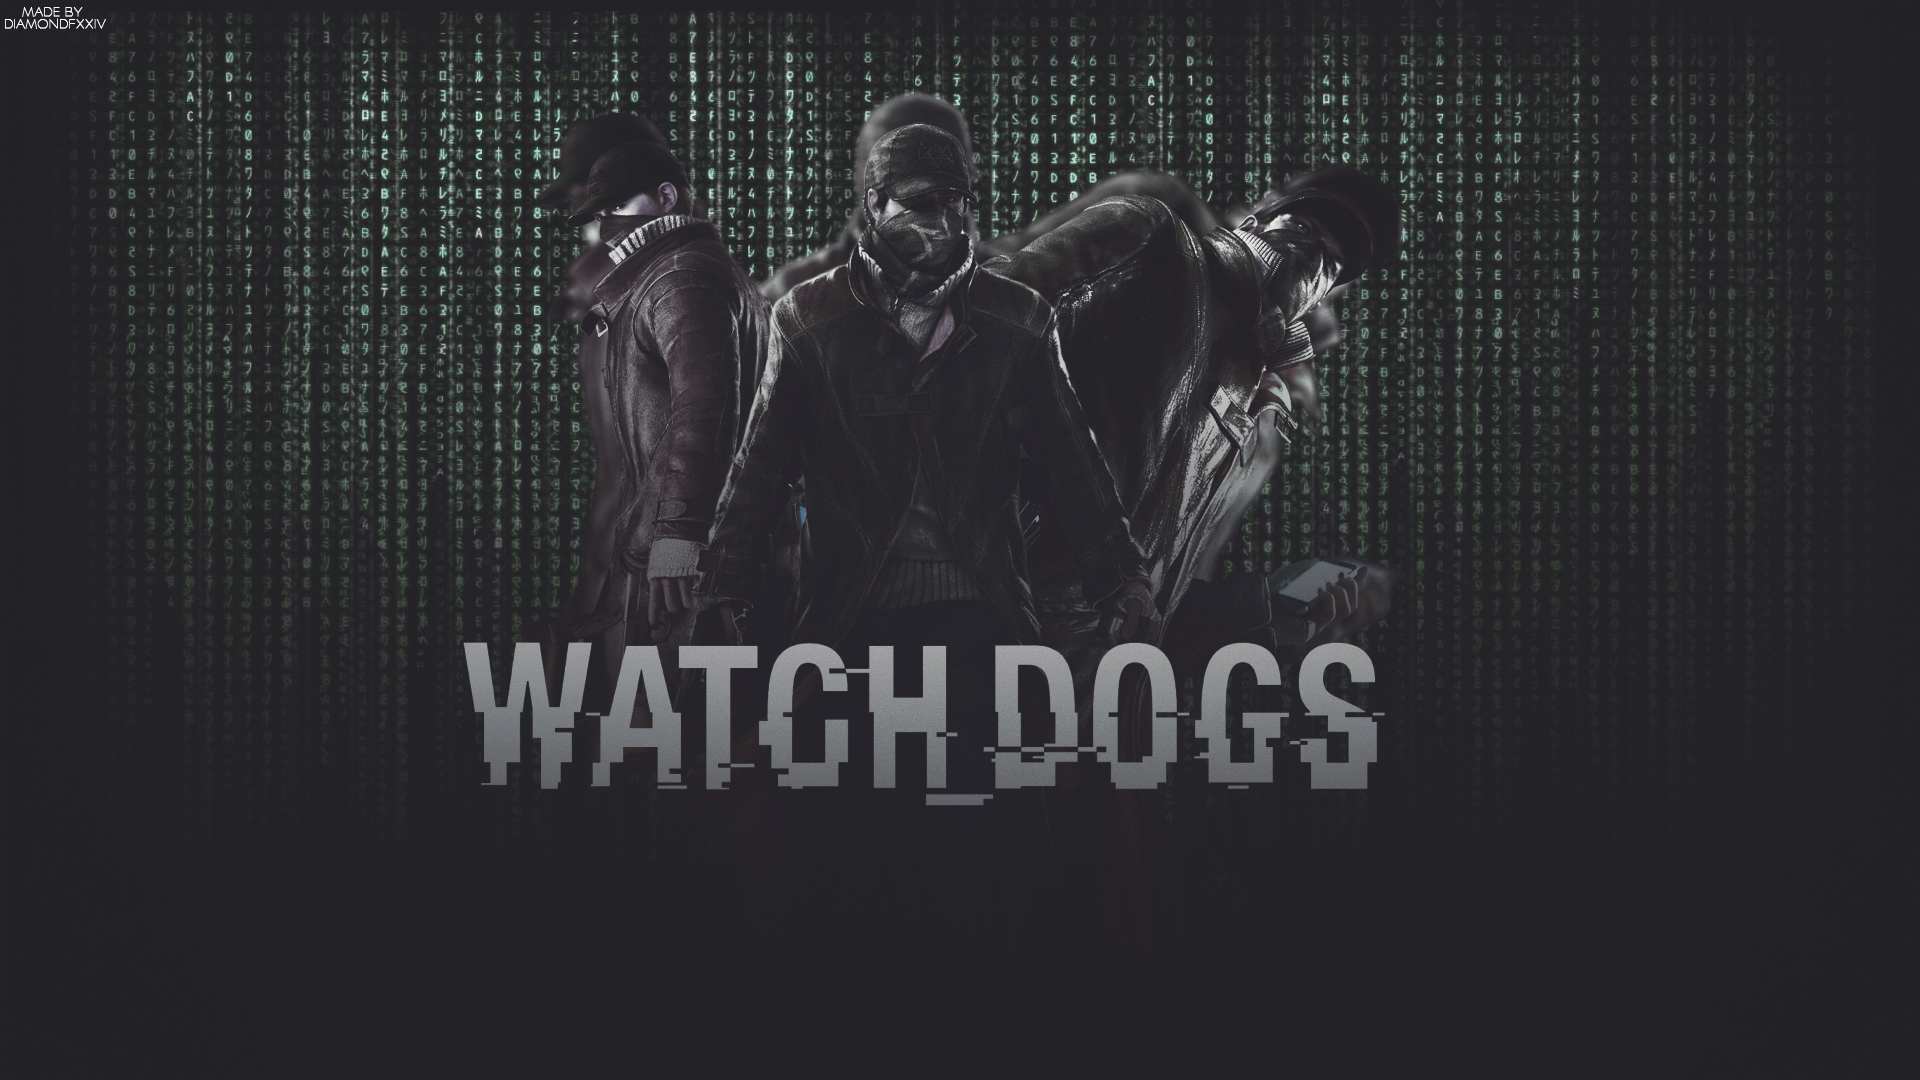 Free Download Watch Dogs Logo Wallpaper Watch Dogs Wallpaper